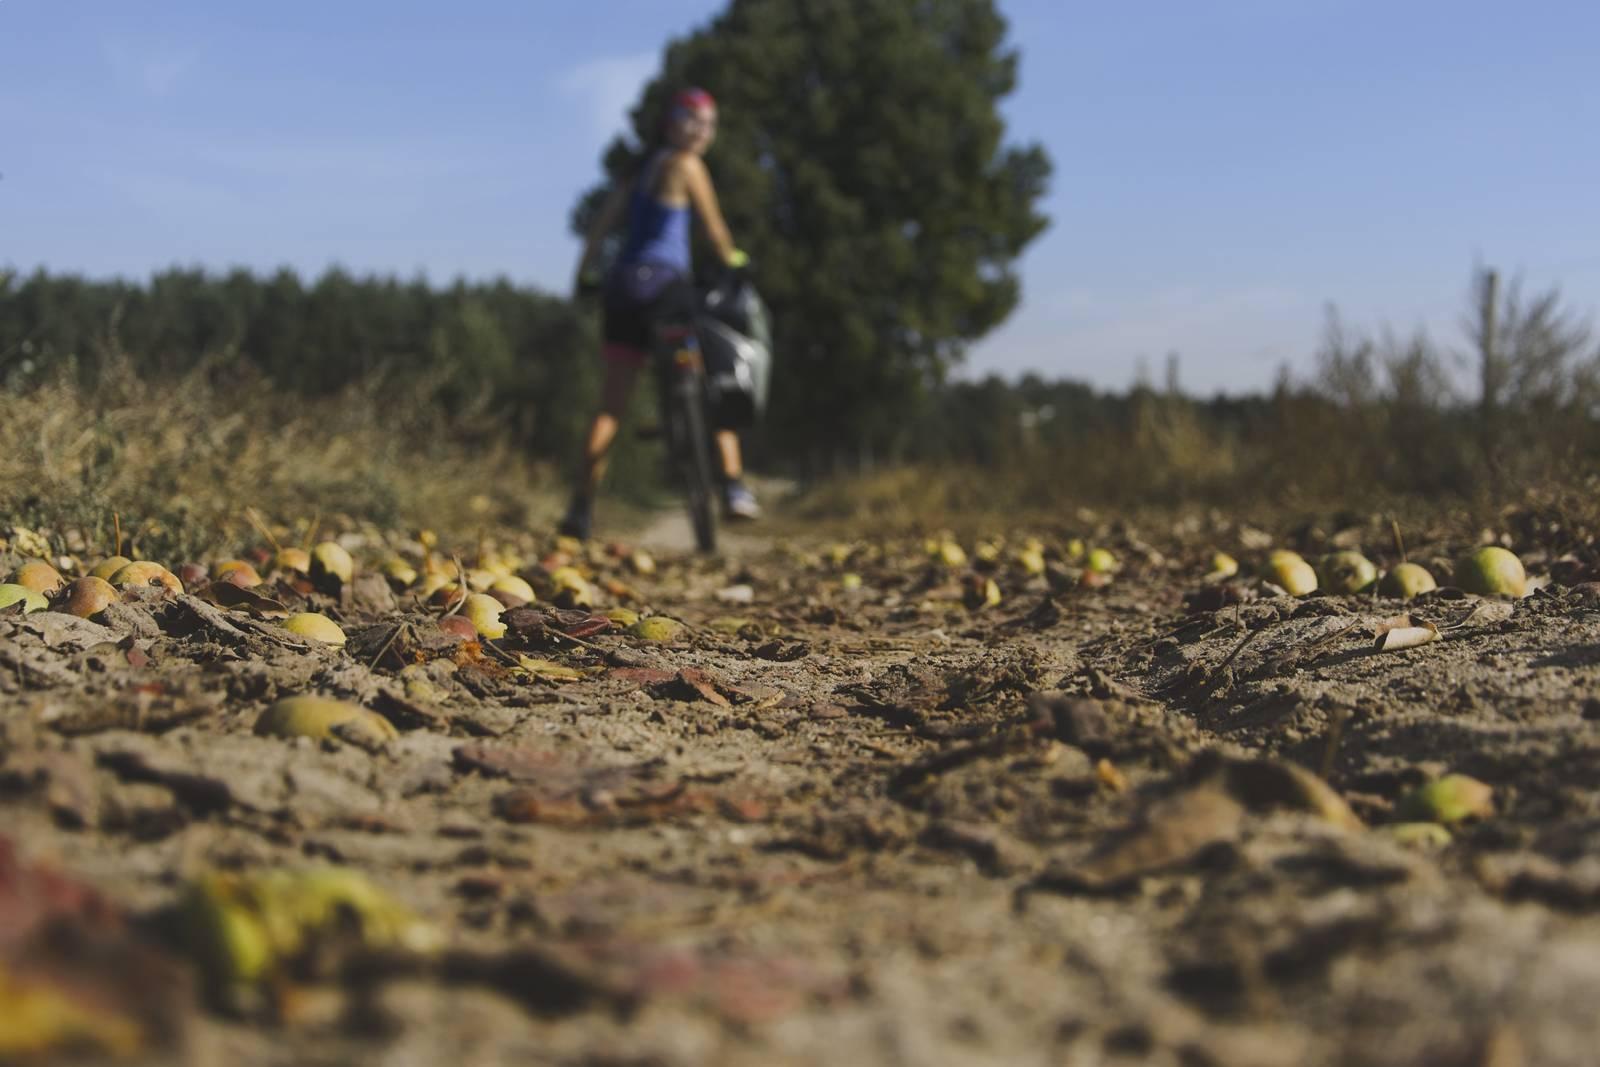 trasy rowerowe bydgoszcz koronowo rowerem wokol zalewu koronowskiego